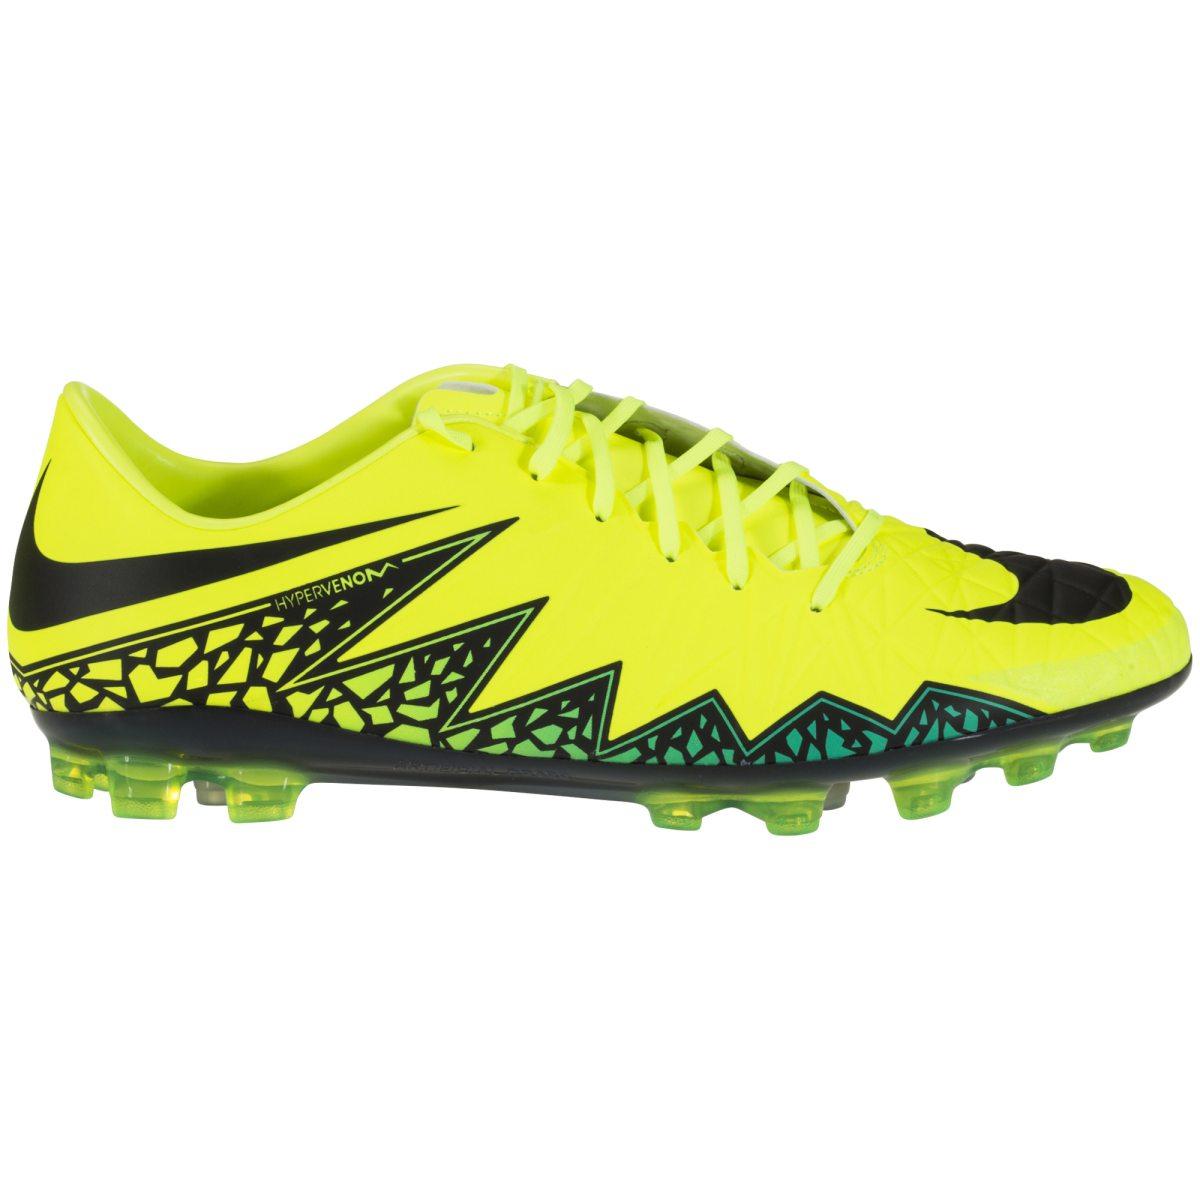 new concept c01a2 93767 nike hypervenom phatal ii ag r fotbollssko senior fotbollsskor